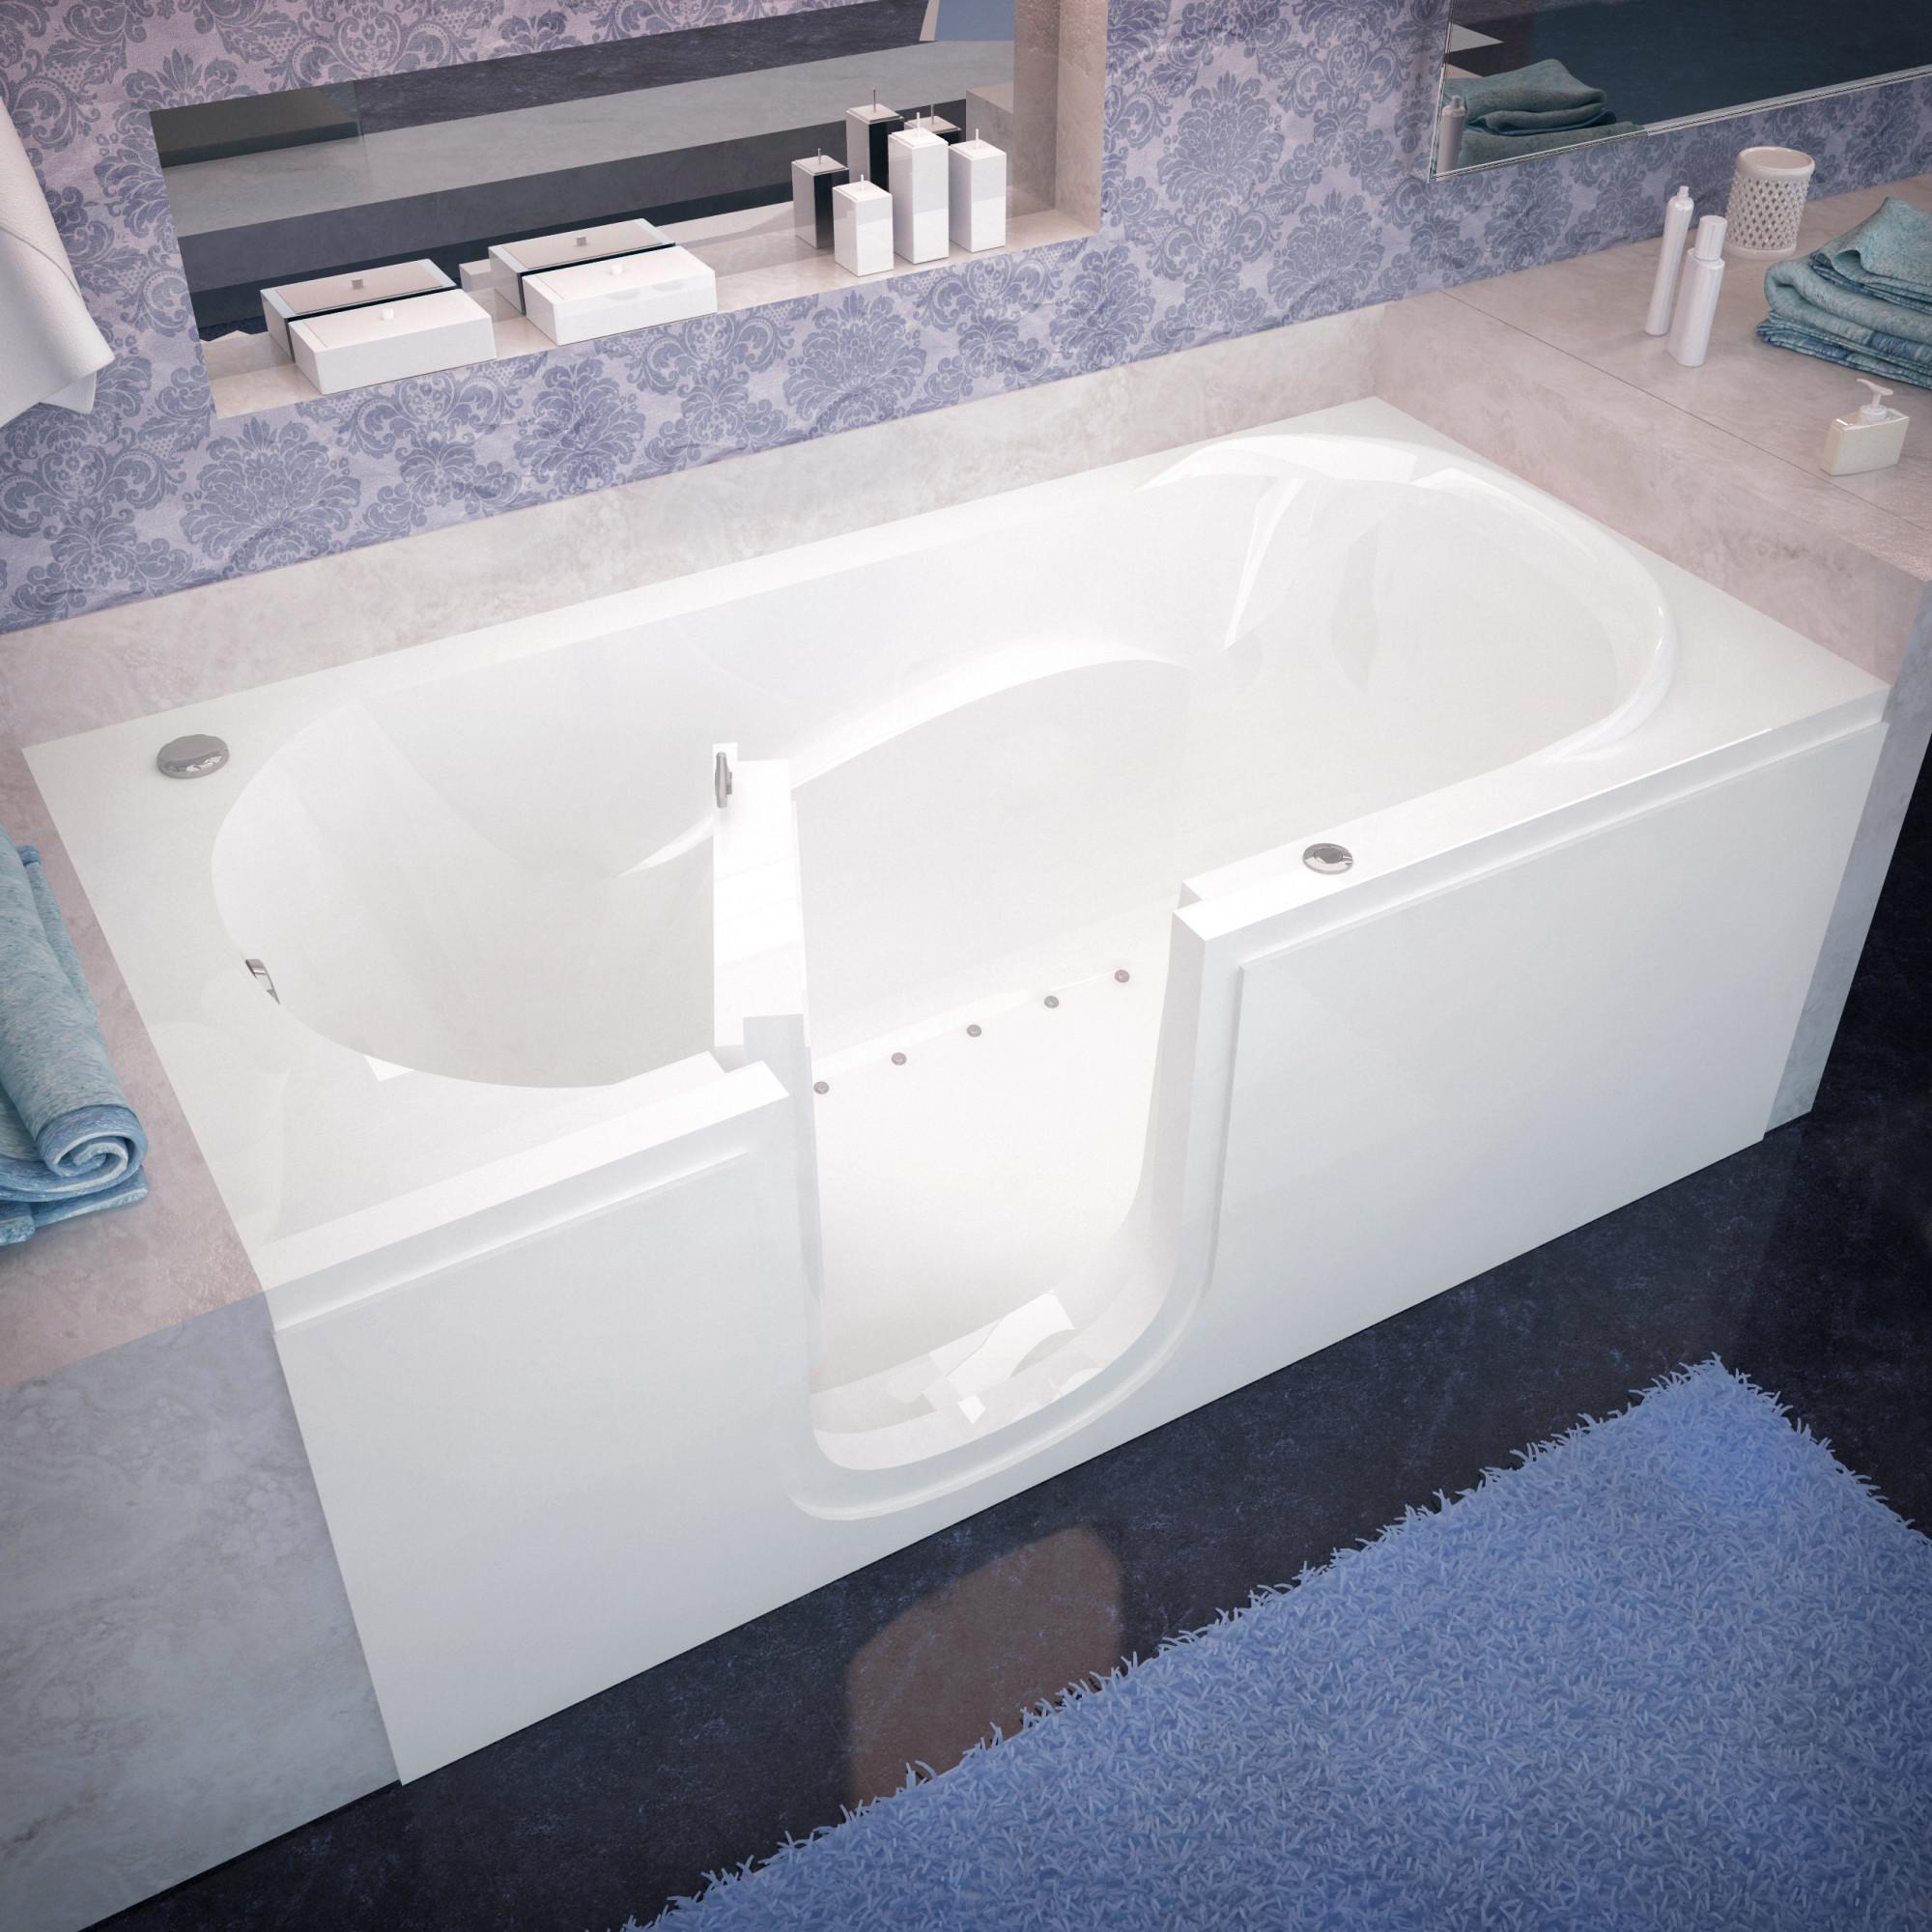 """Avano AV3060SILA Step-In Tubs 59-5/8"""" Acrylic Air Bathtub for Alcove Installations with Left Drain"""